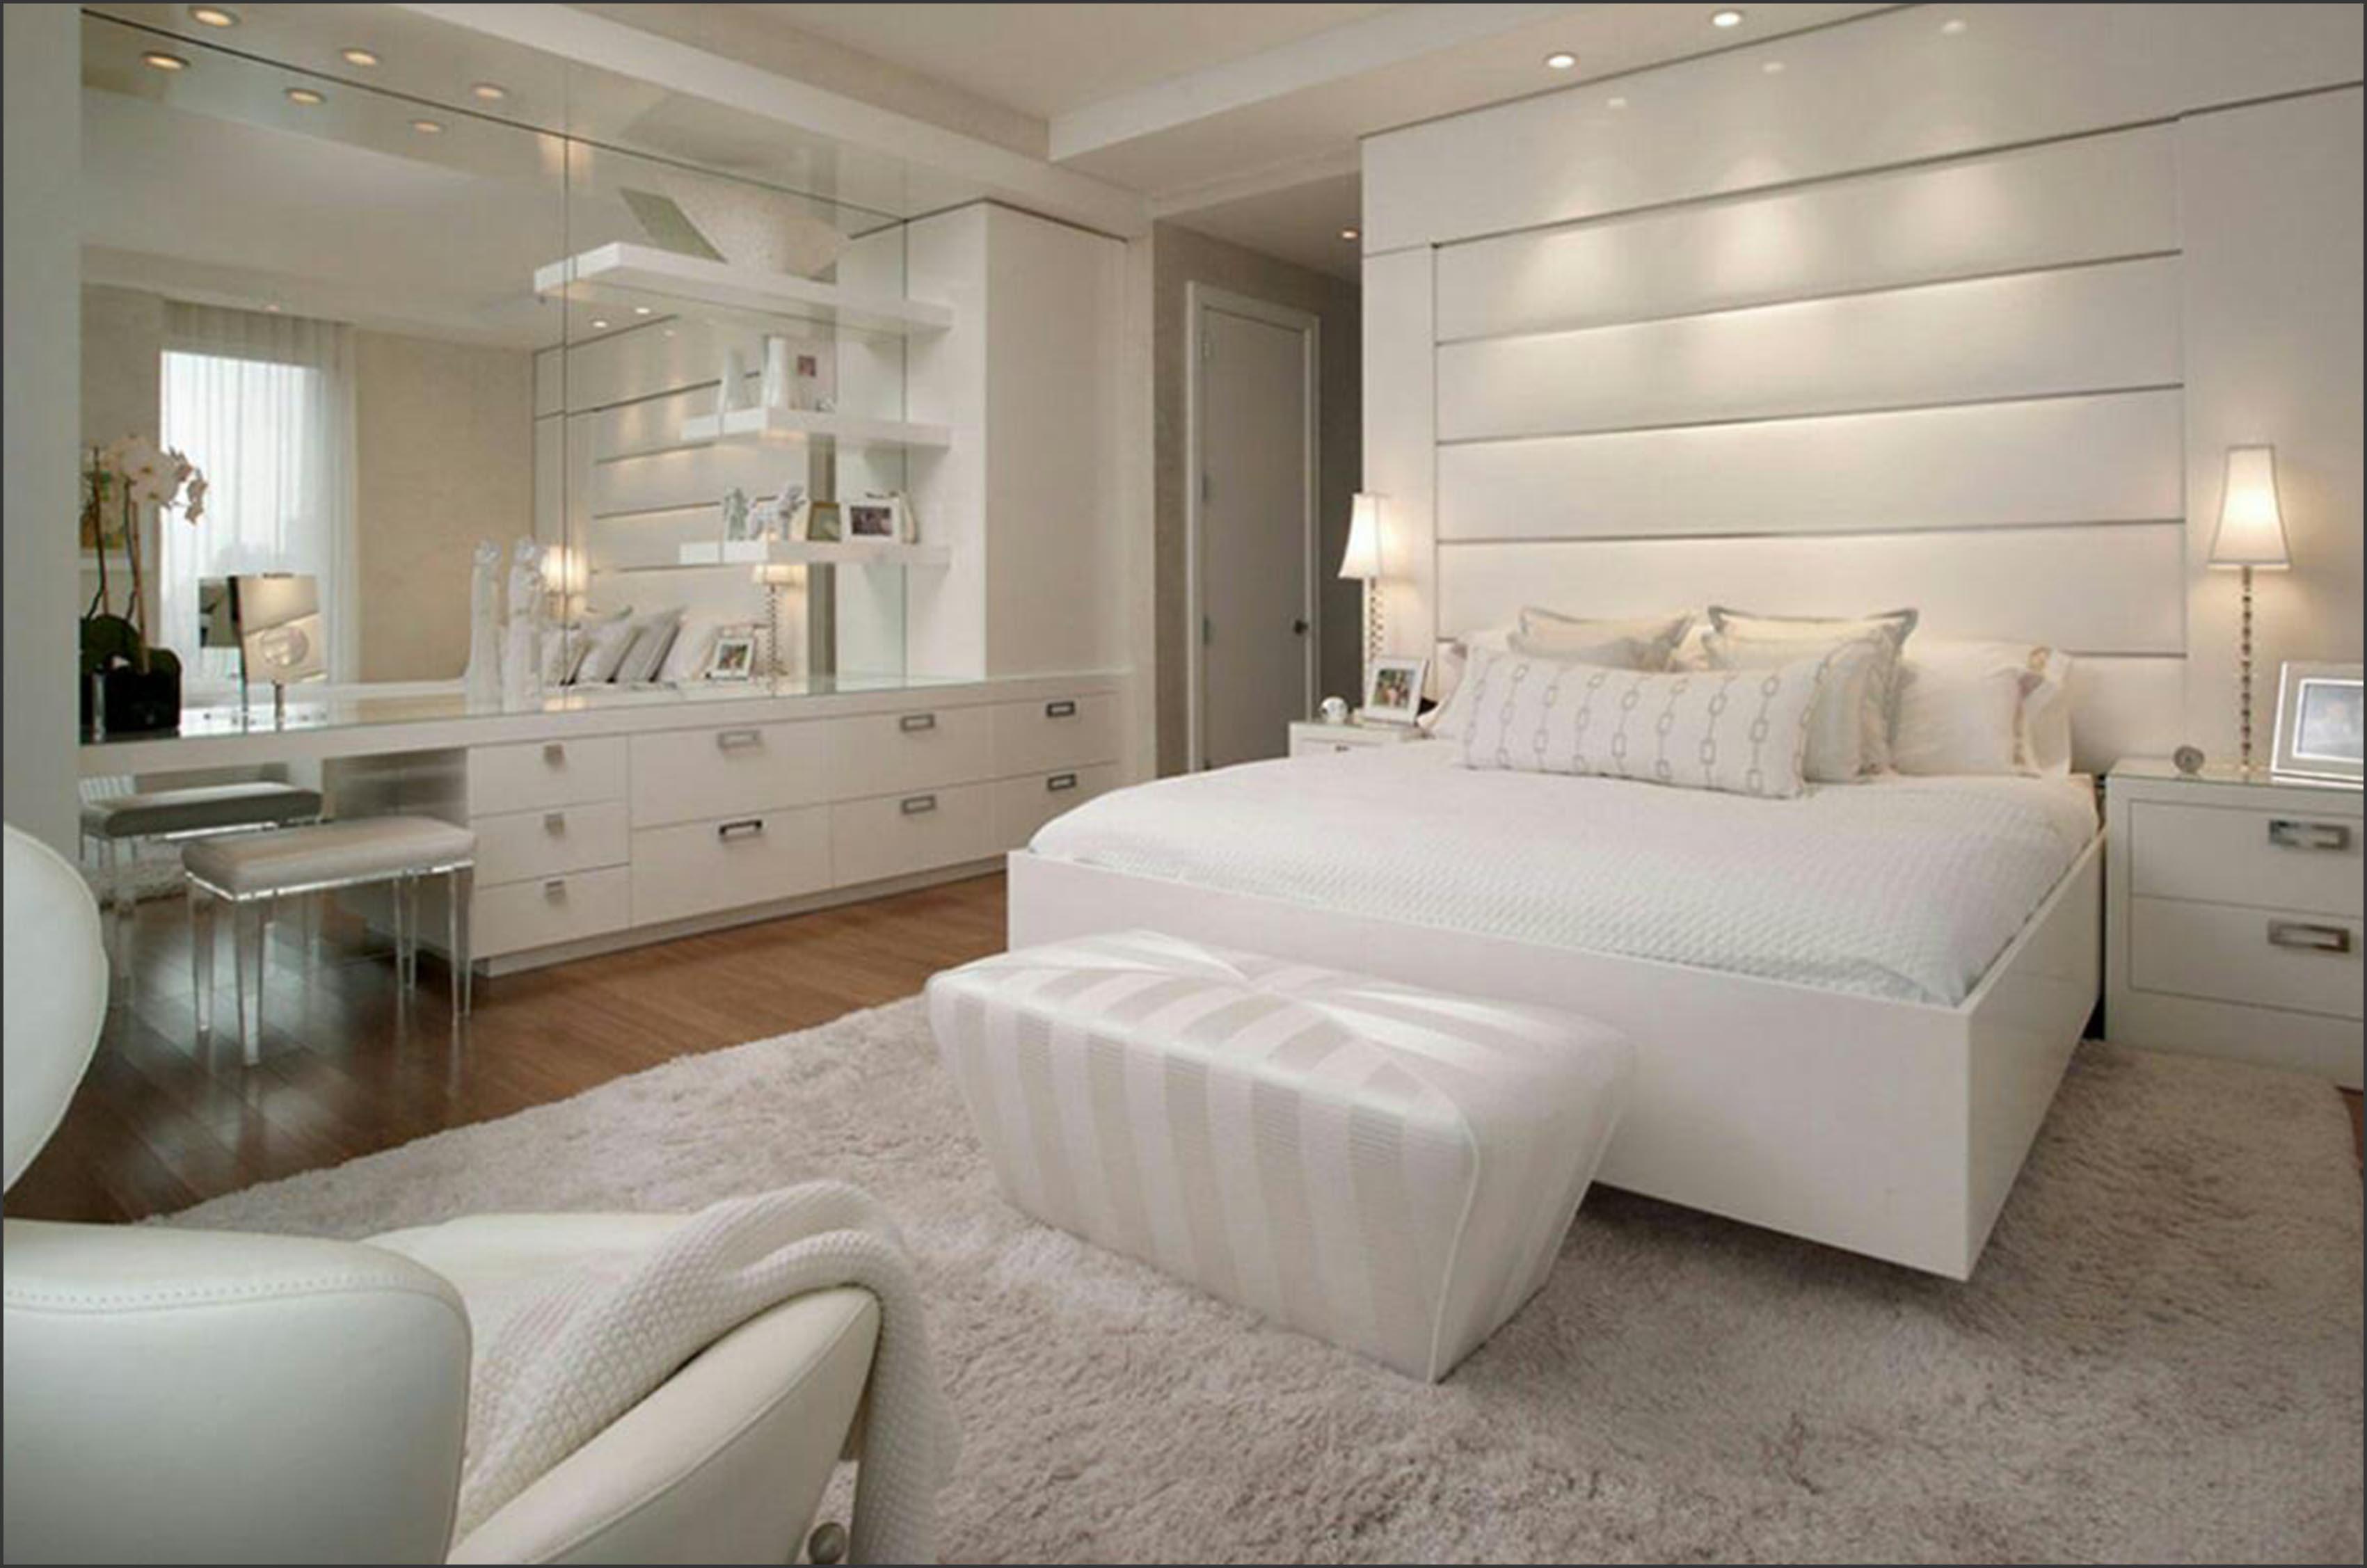 Mala sypialnia